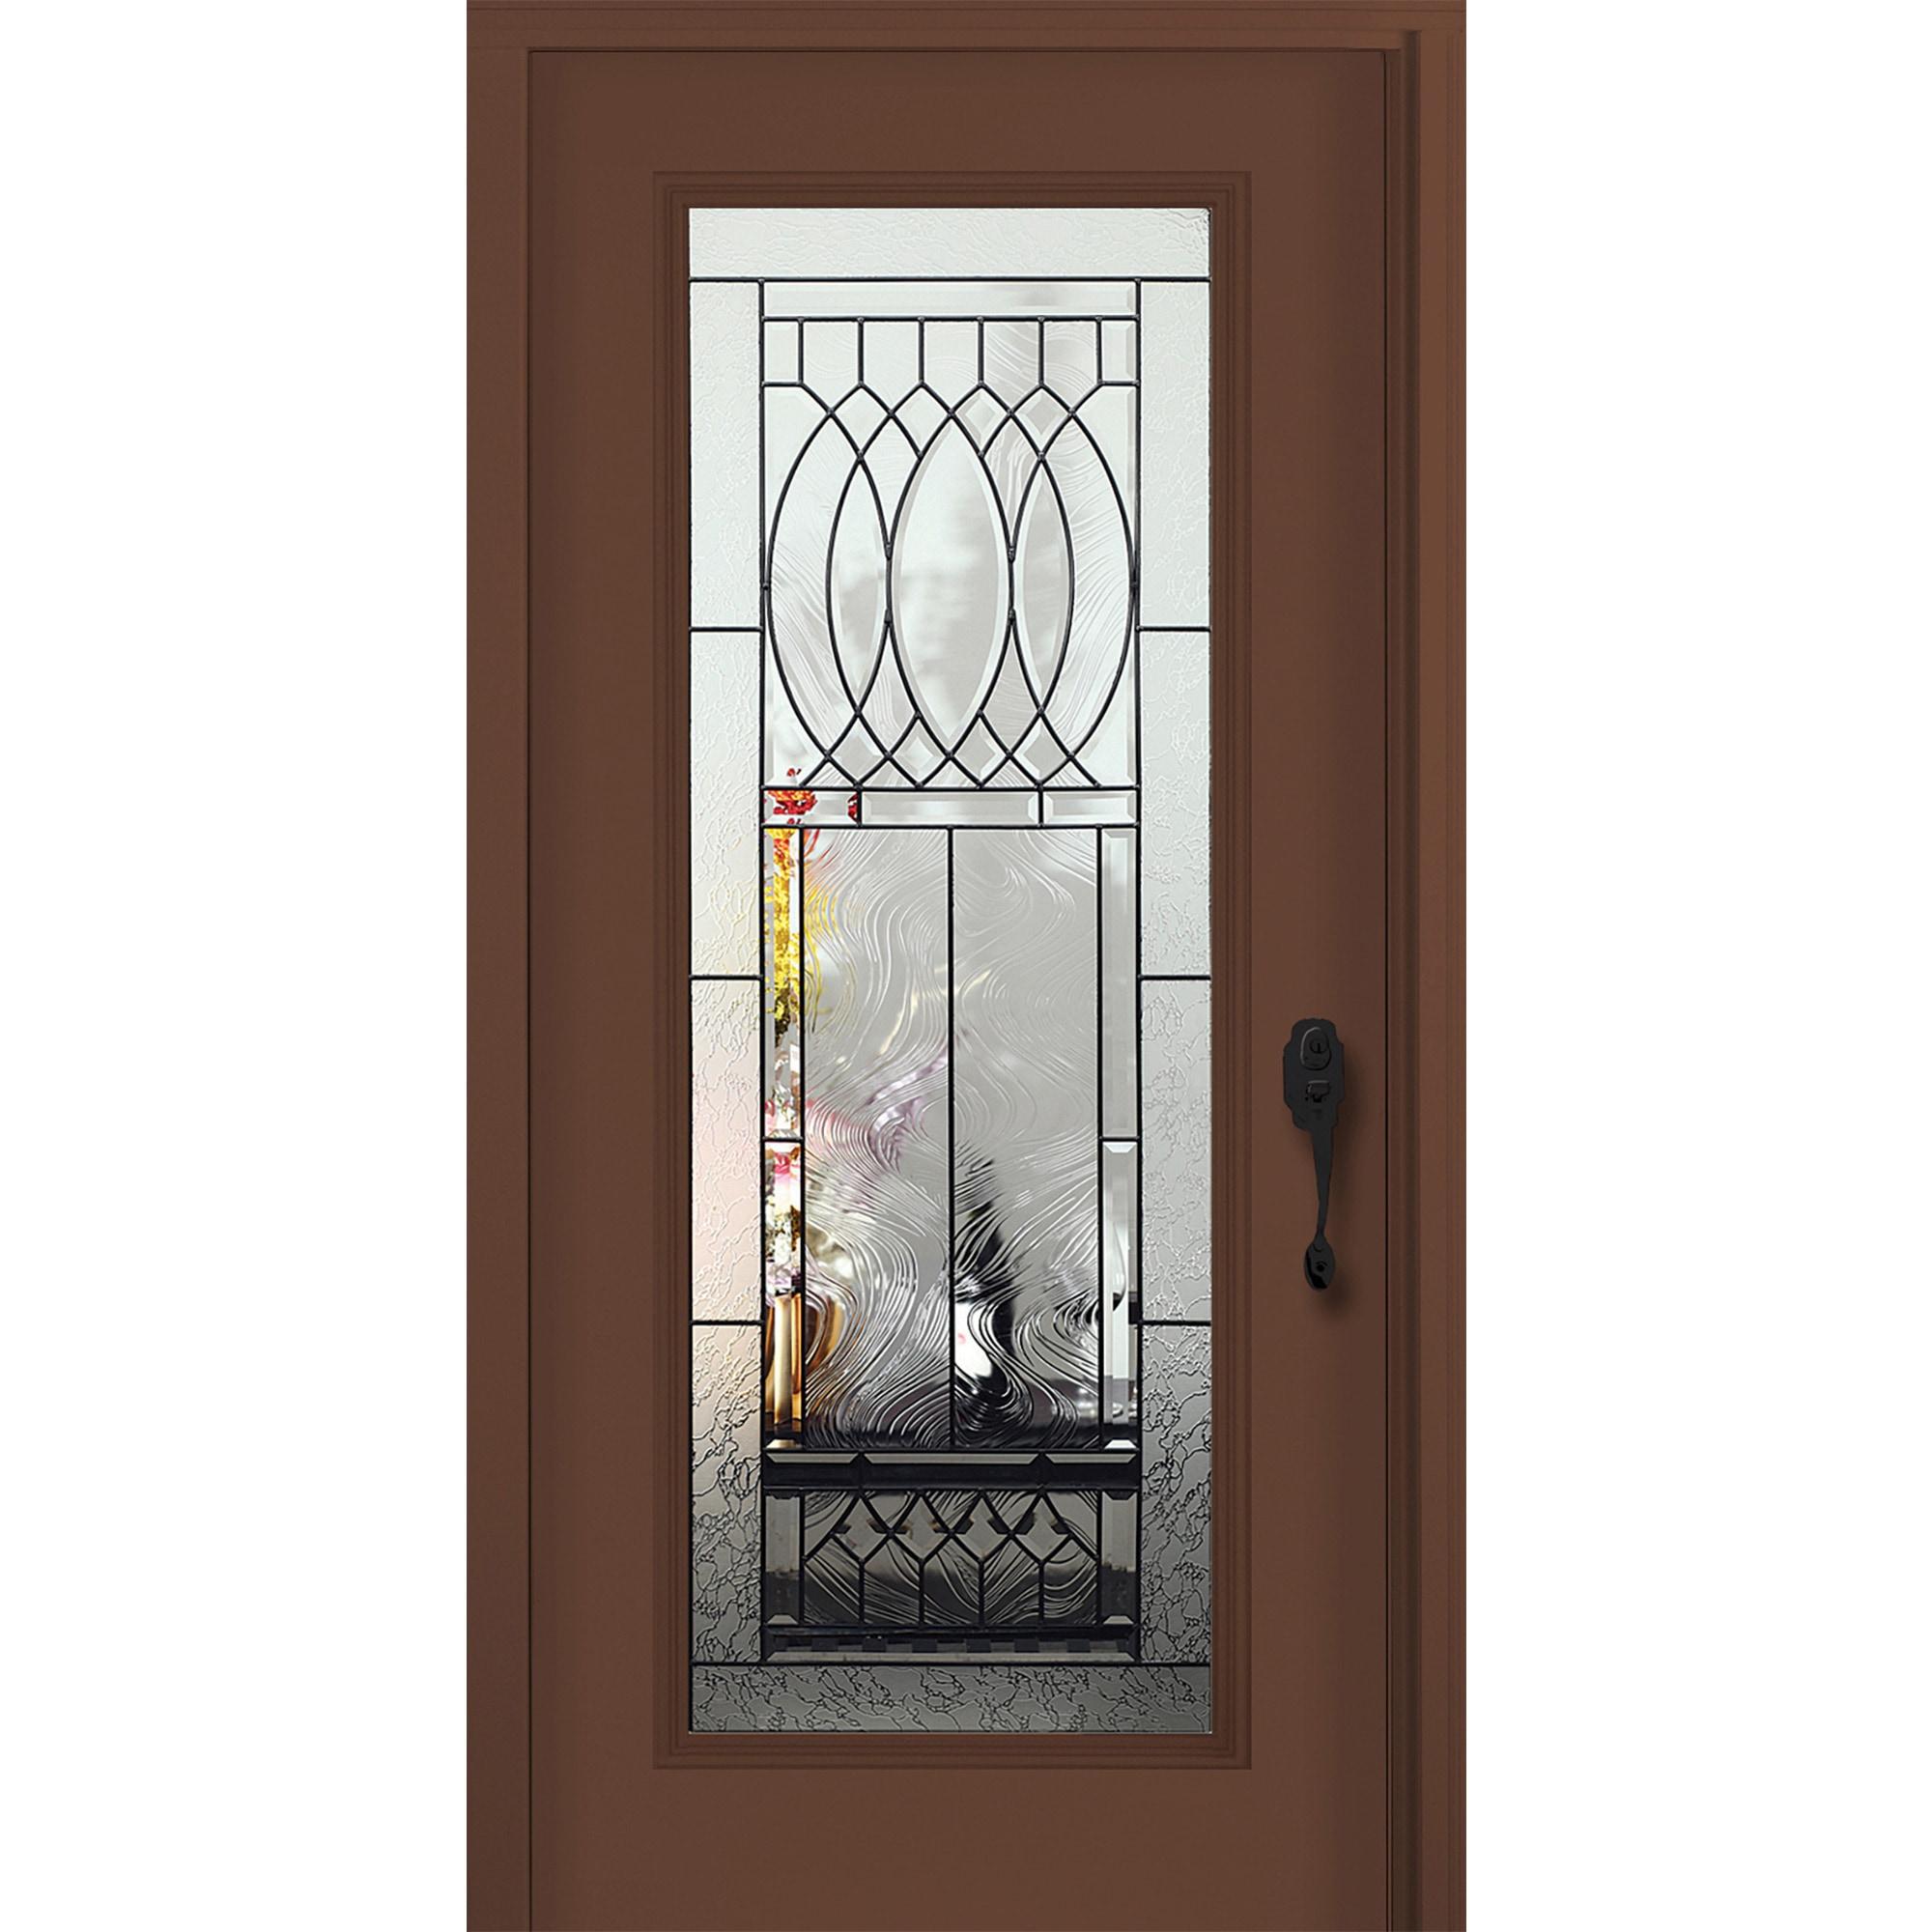 2000 #5E3F32 New Concept Exterior Doors Pre Hung Steel Infinity Doors Bahama  wallpaper Pre Hung Steel Doors 44752000